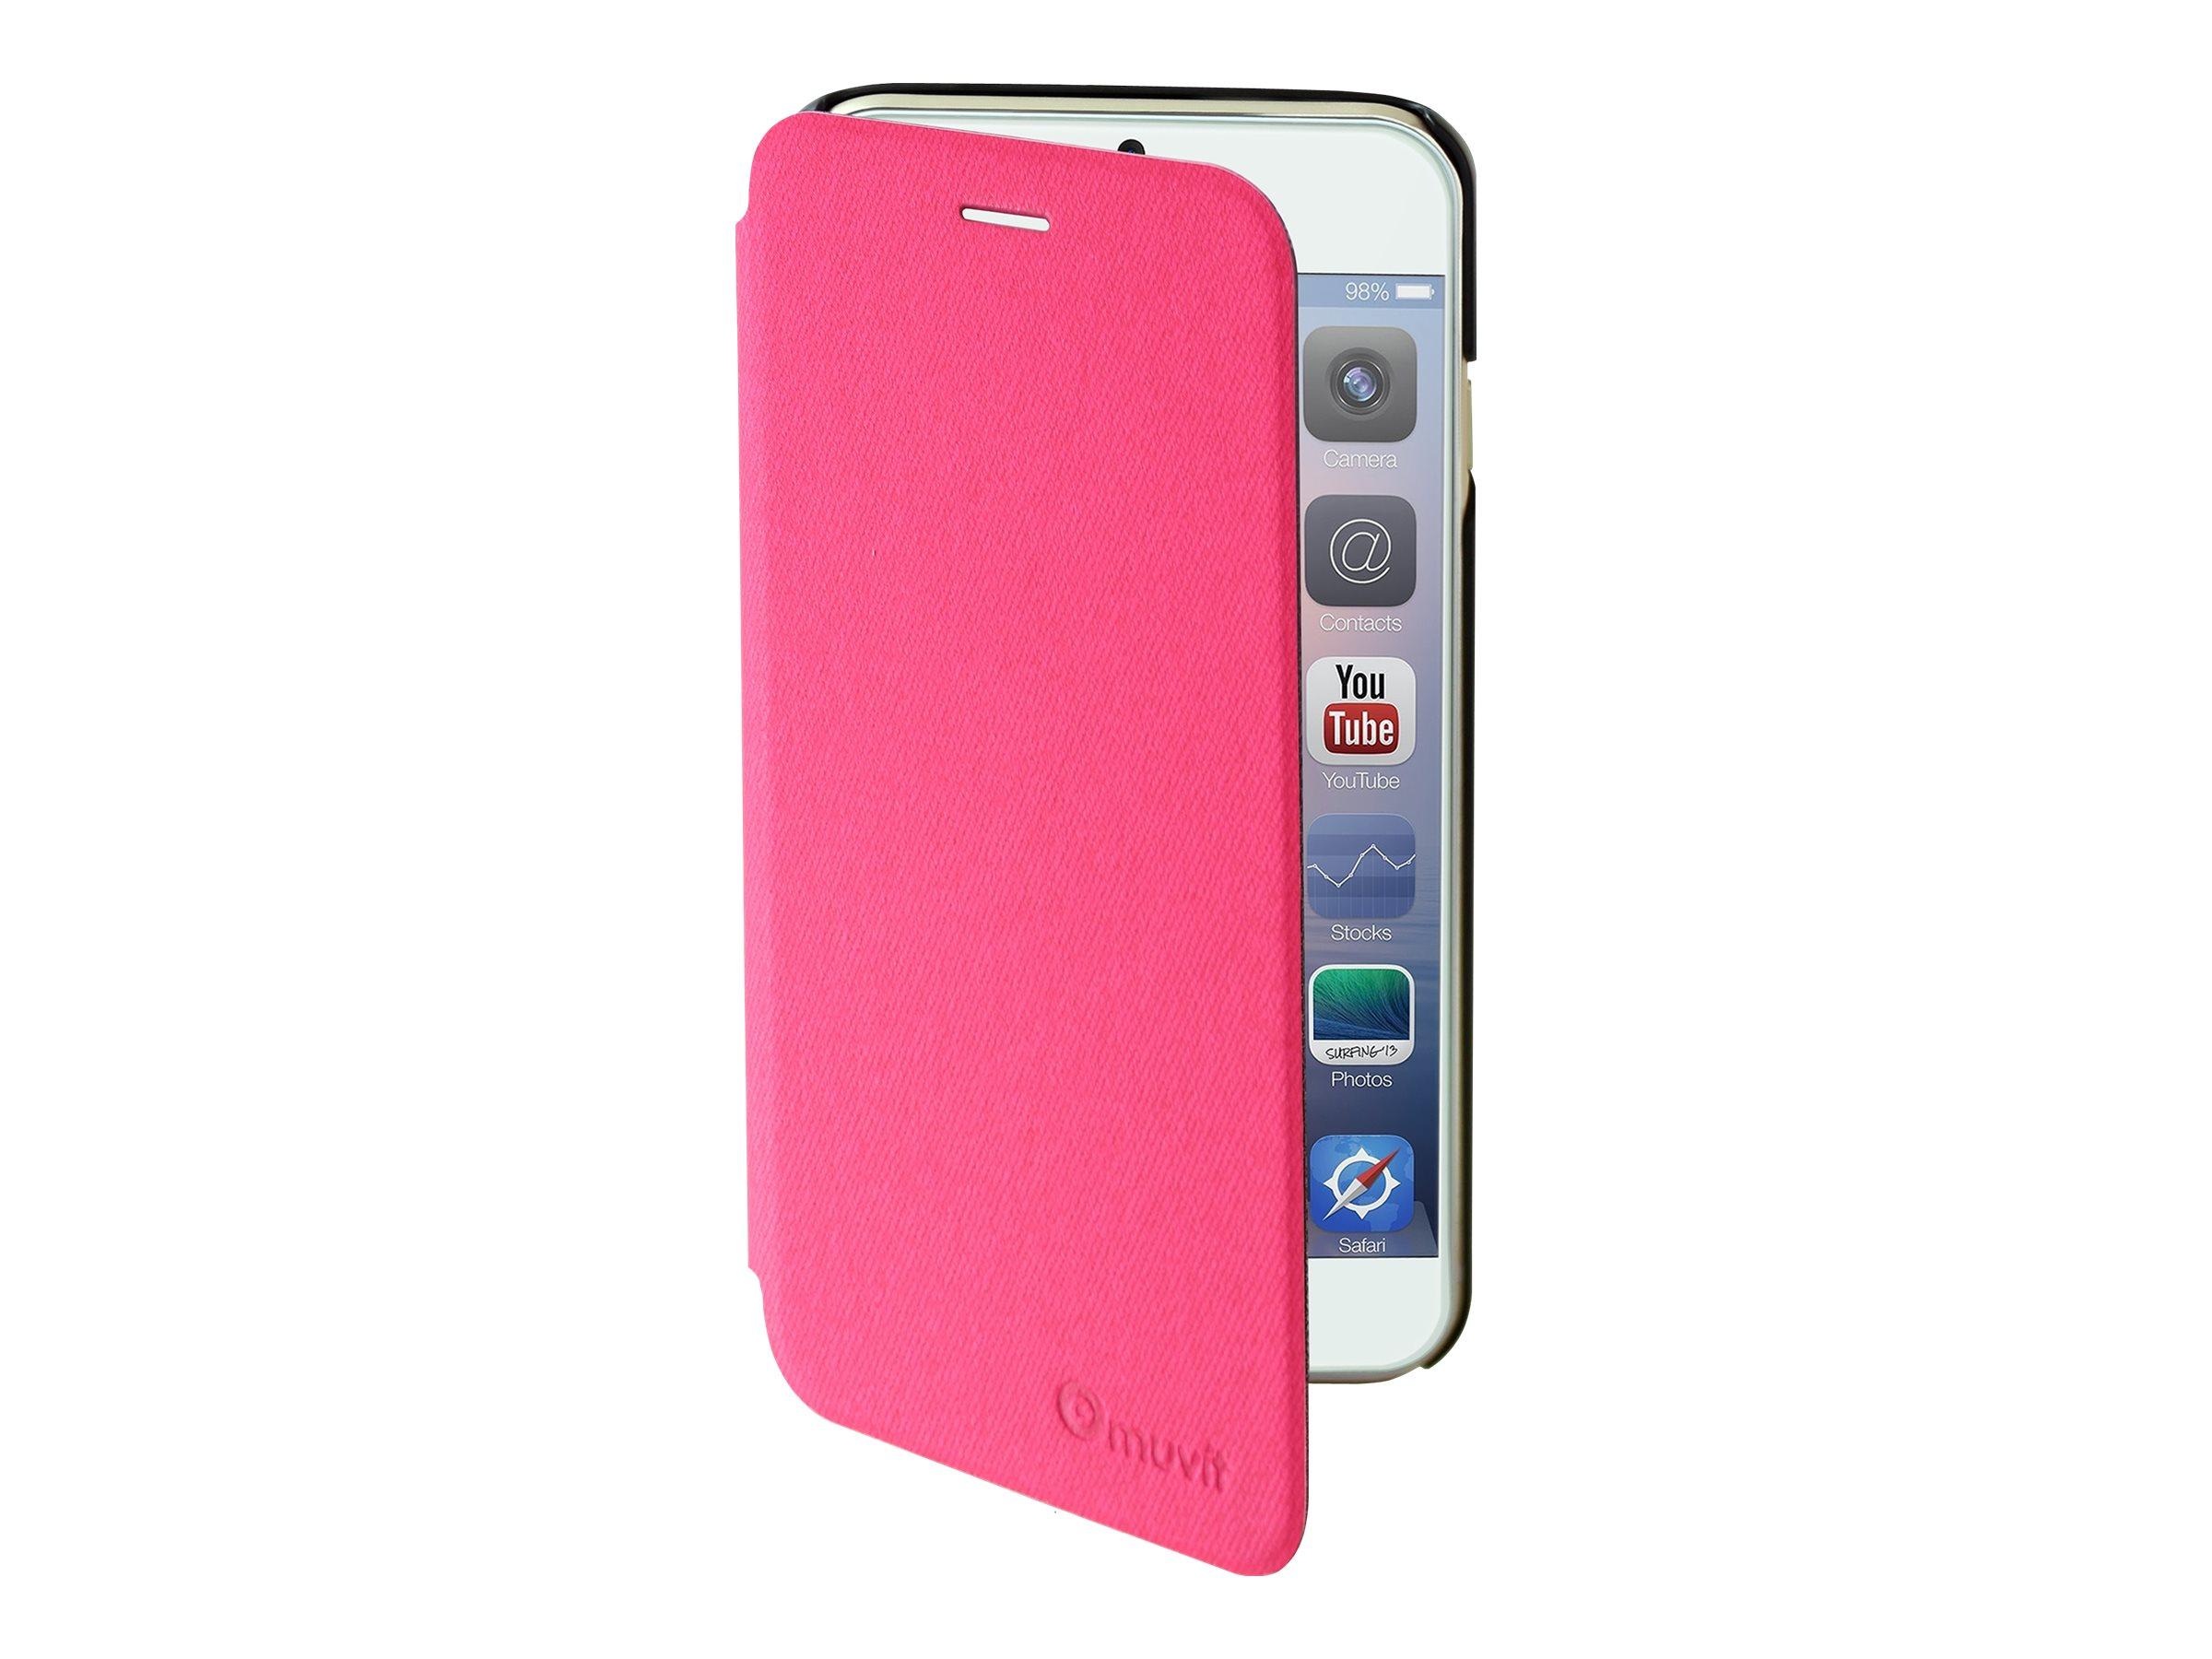 Muvit Easy Folio - Protection à rabat pour iPhone 6 Plus - rose, denim